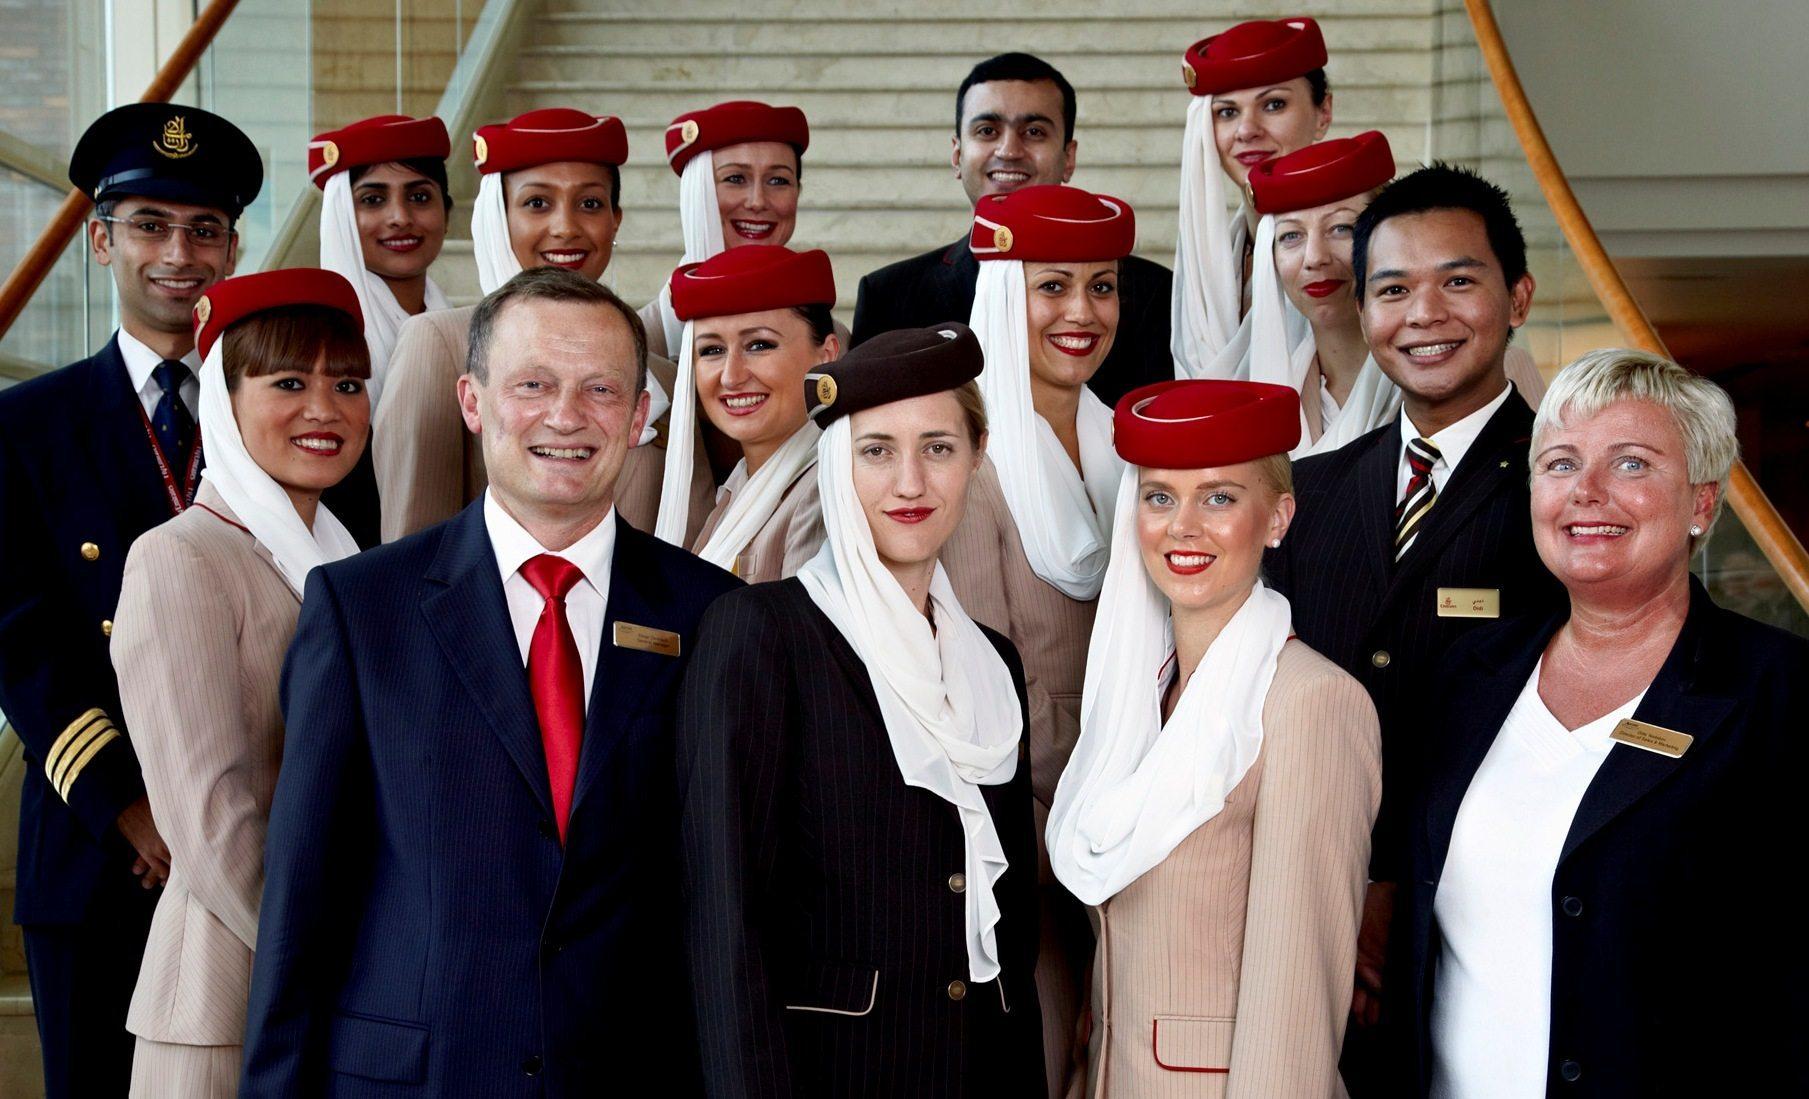 Arkivfoto fra Marriott Copenhagen Hotel med besætning fra Emirates sammen med hotellets daværende direktør Elmar Derkitsch, med rødt slips, og hotellets daværende salgsdirektør, Gitte Nødskov, yderst til højre.